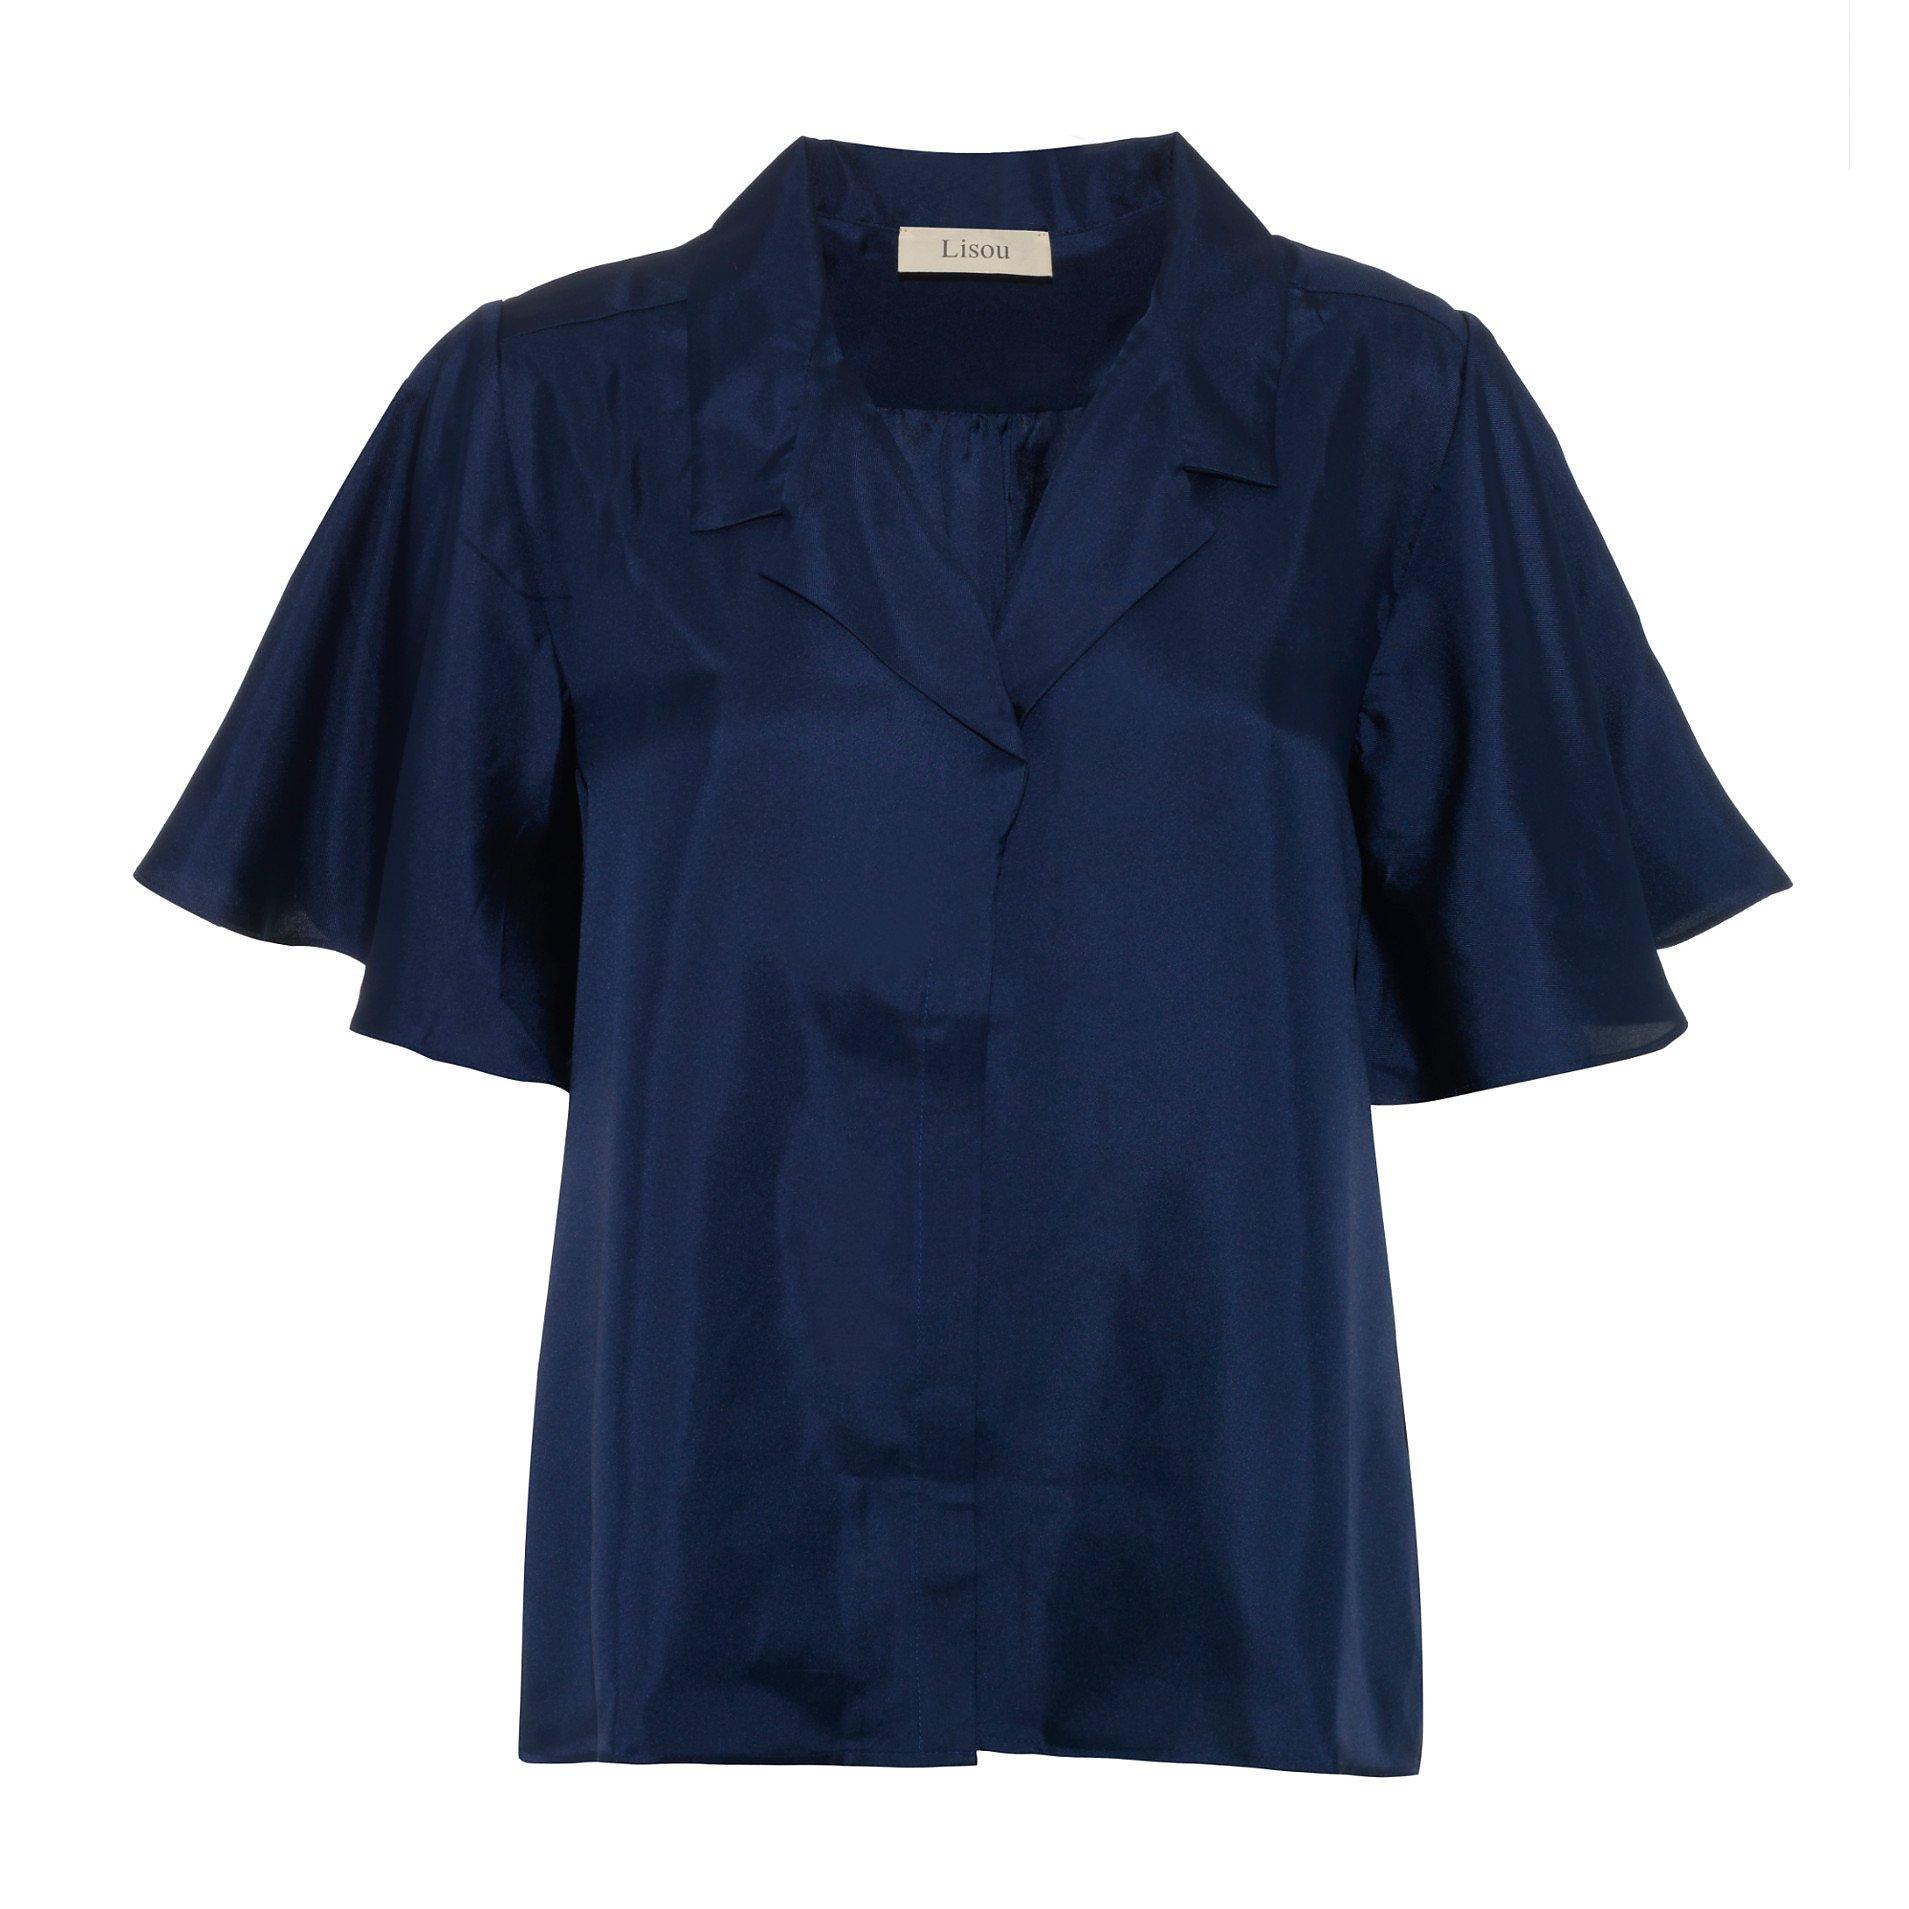 Lisou Matilde Shirt